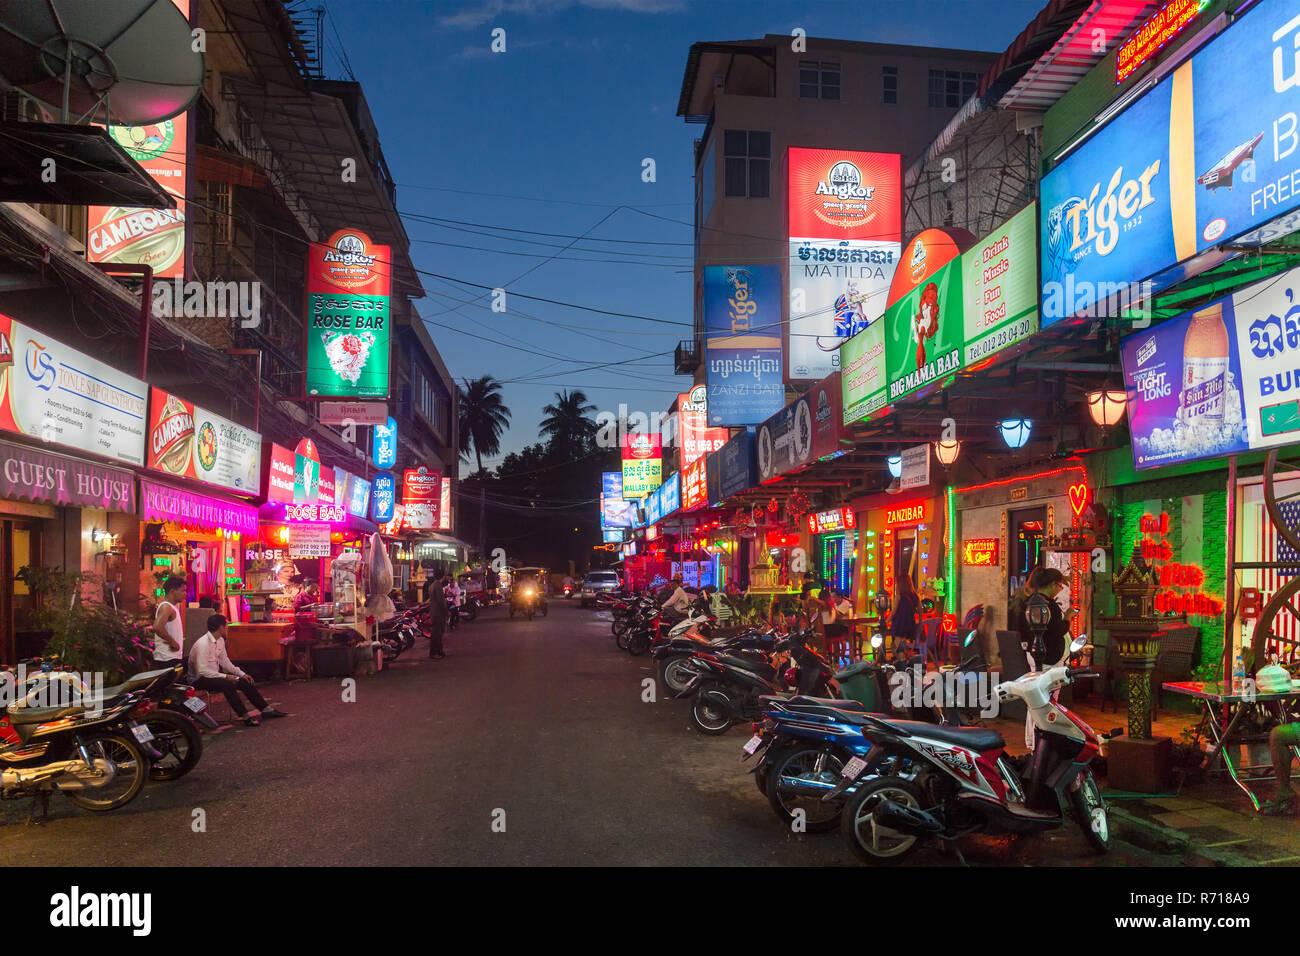 Nachtleben, Bars, Clubs, Street 104, Seng Thuong, Phnom Penh, Kambodscha Stockbild